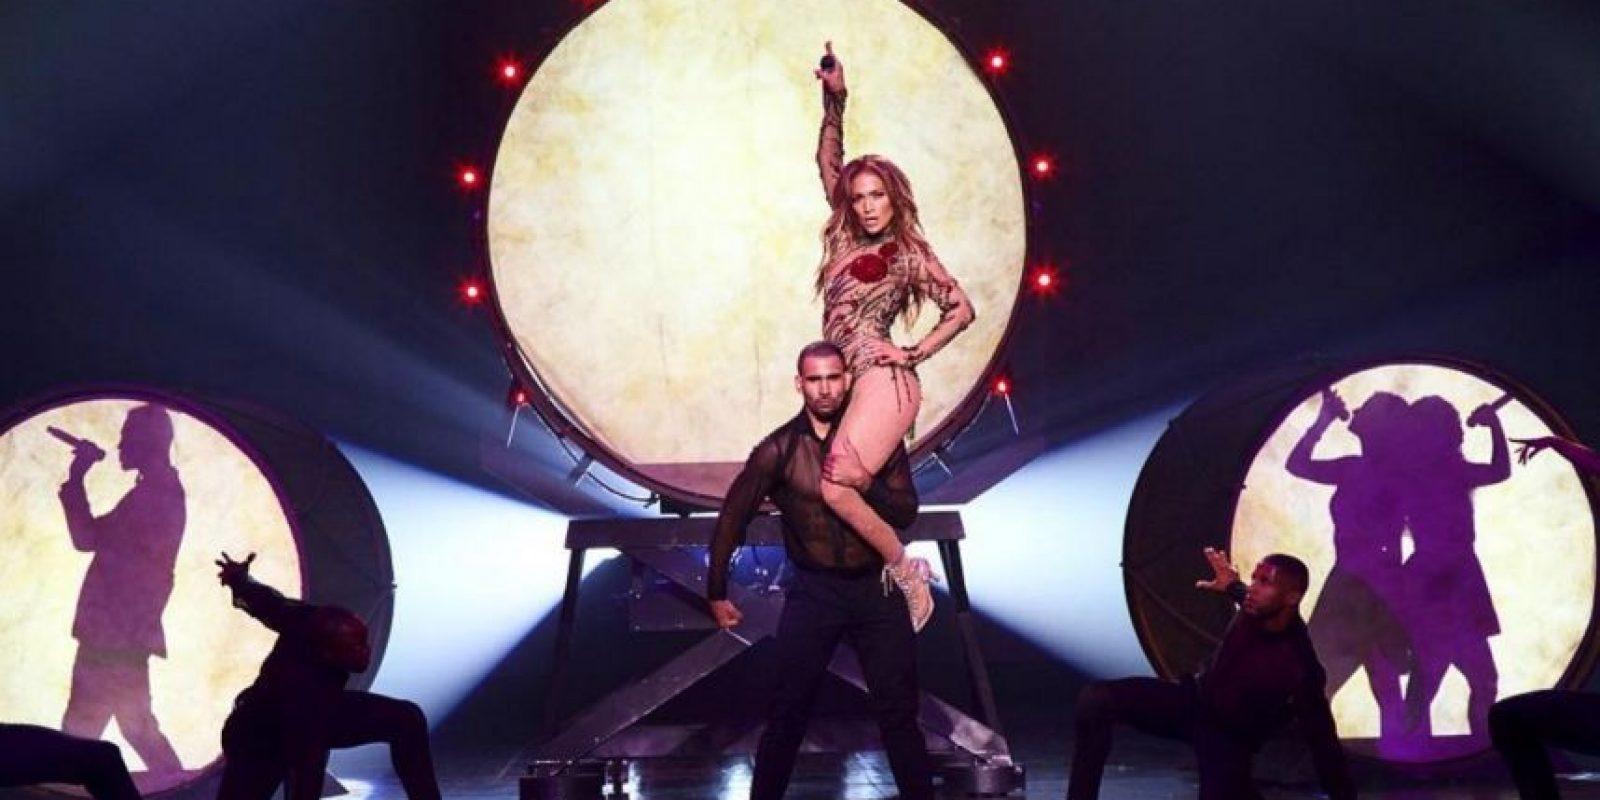 """La cantante bailó al ritmo de """"La Gasolina"""" Foto:Vía instagram.com/jlo/?hl=es. Imagen Por:"""